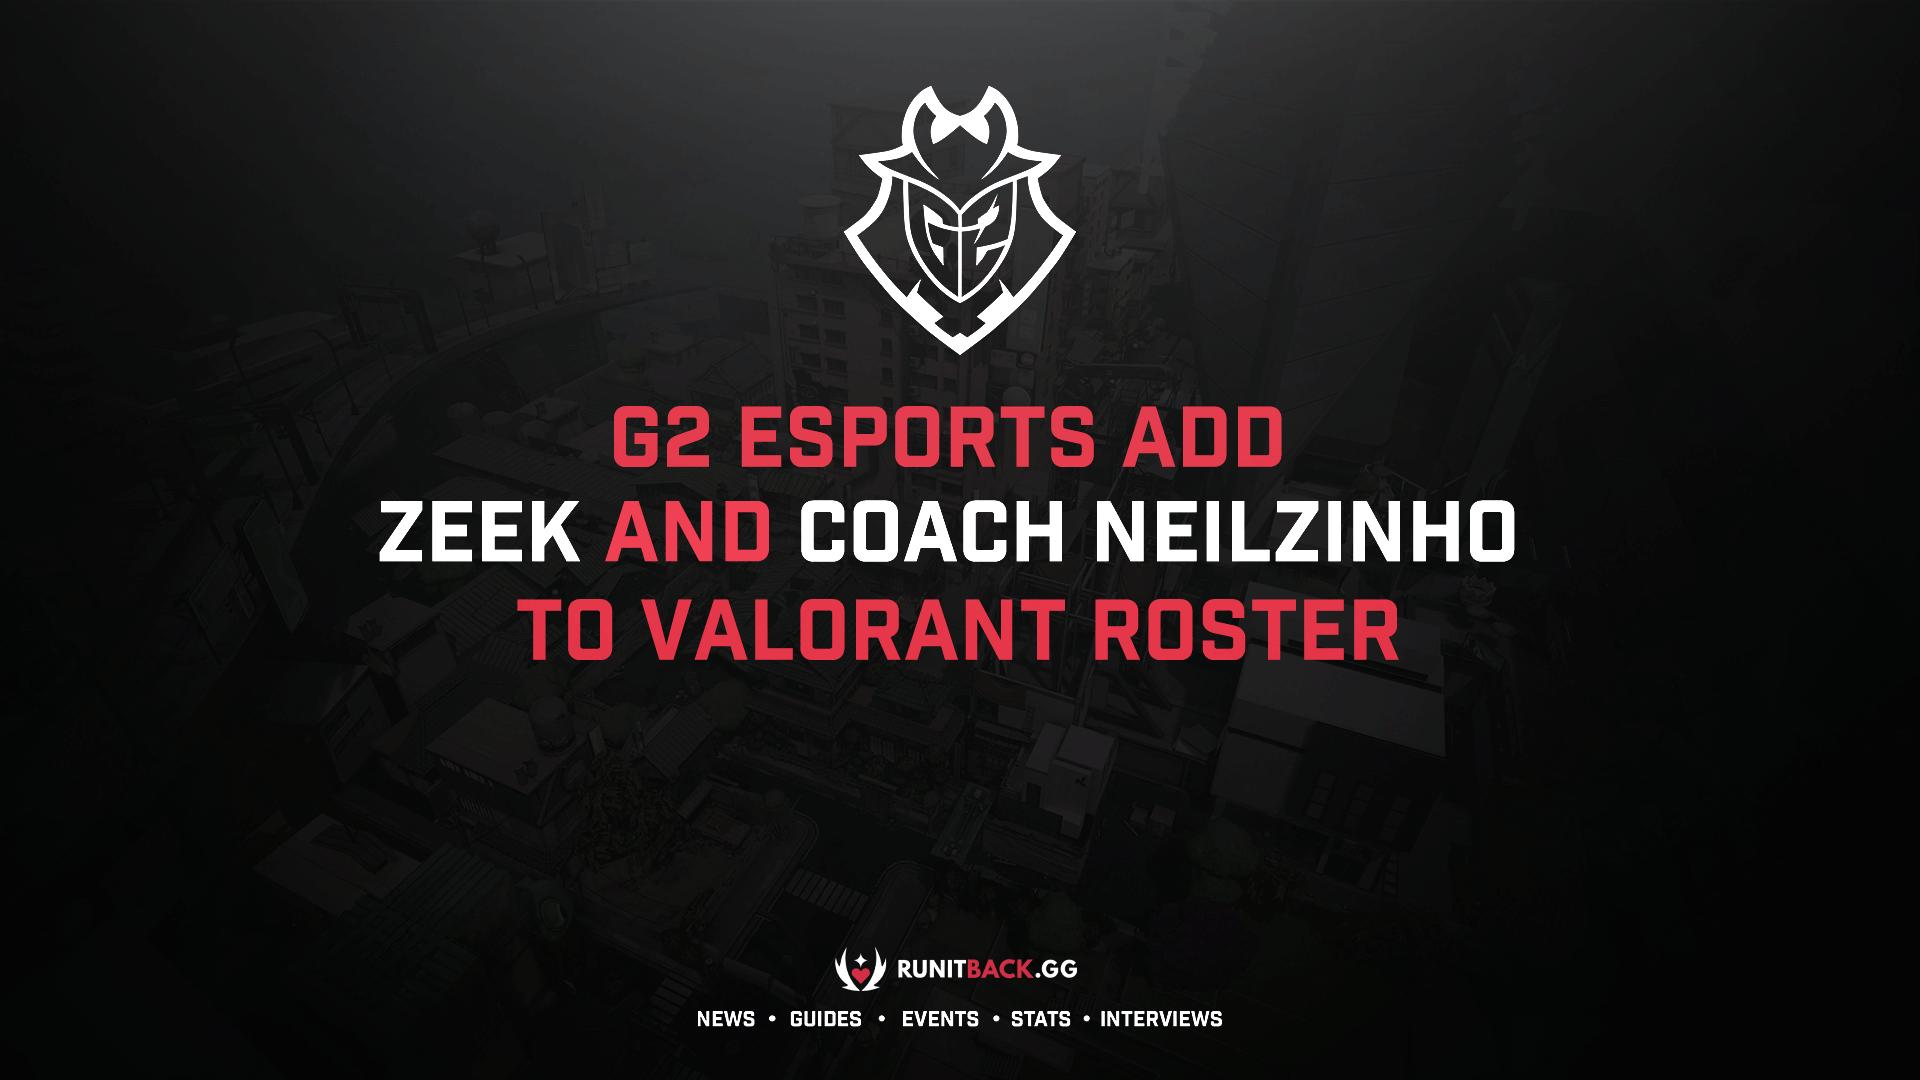 G2 Esports add zeek and coach nEiLZiNHo to Valorant roster